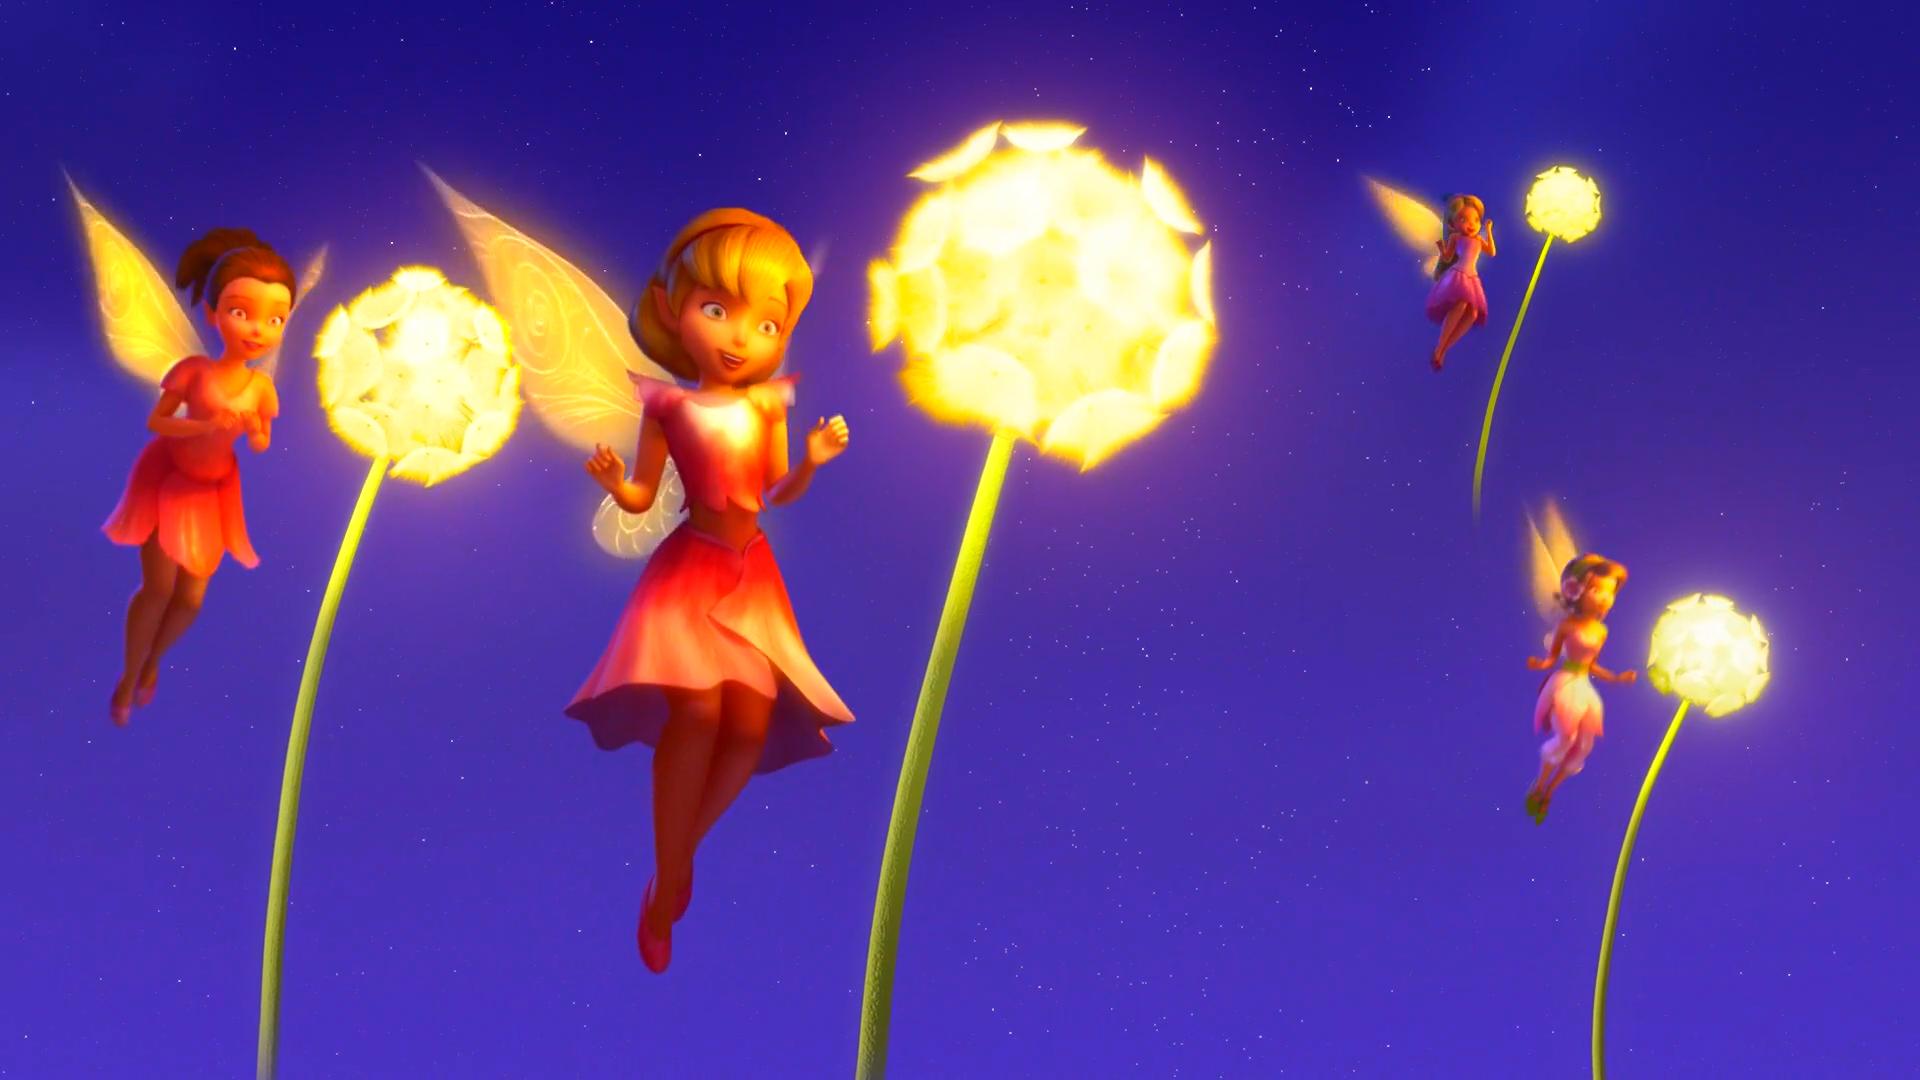 Fern Disney Fairies Wiki Fandom Powered By Wikia